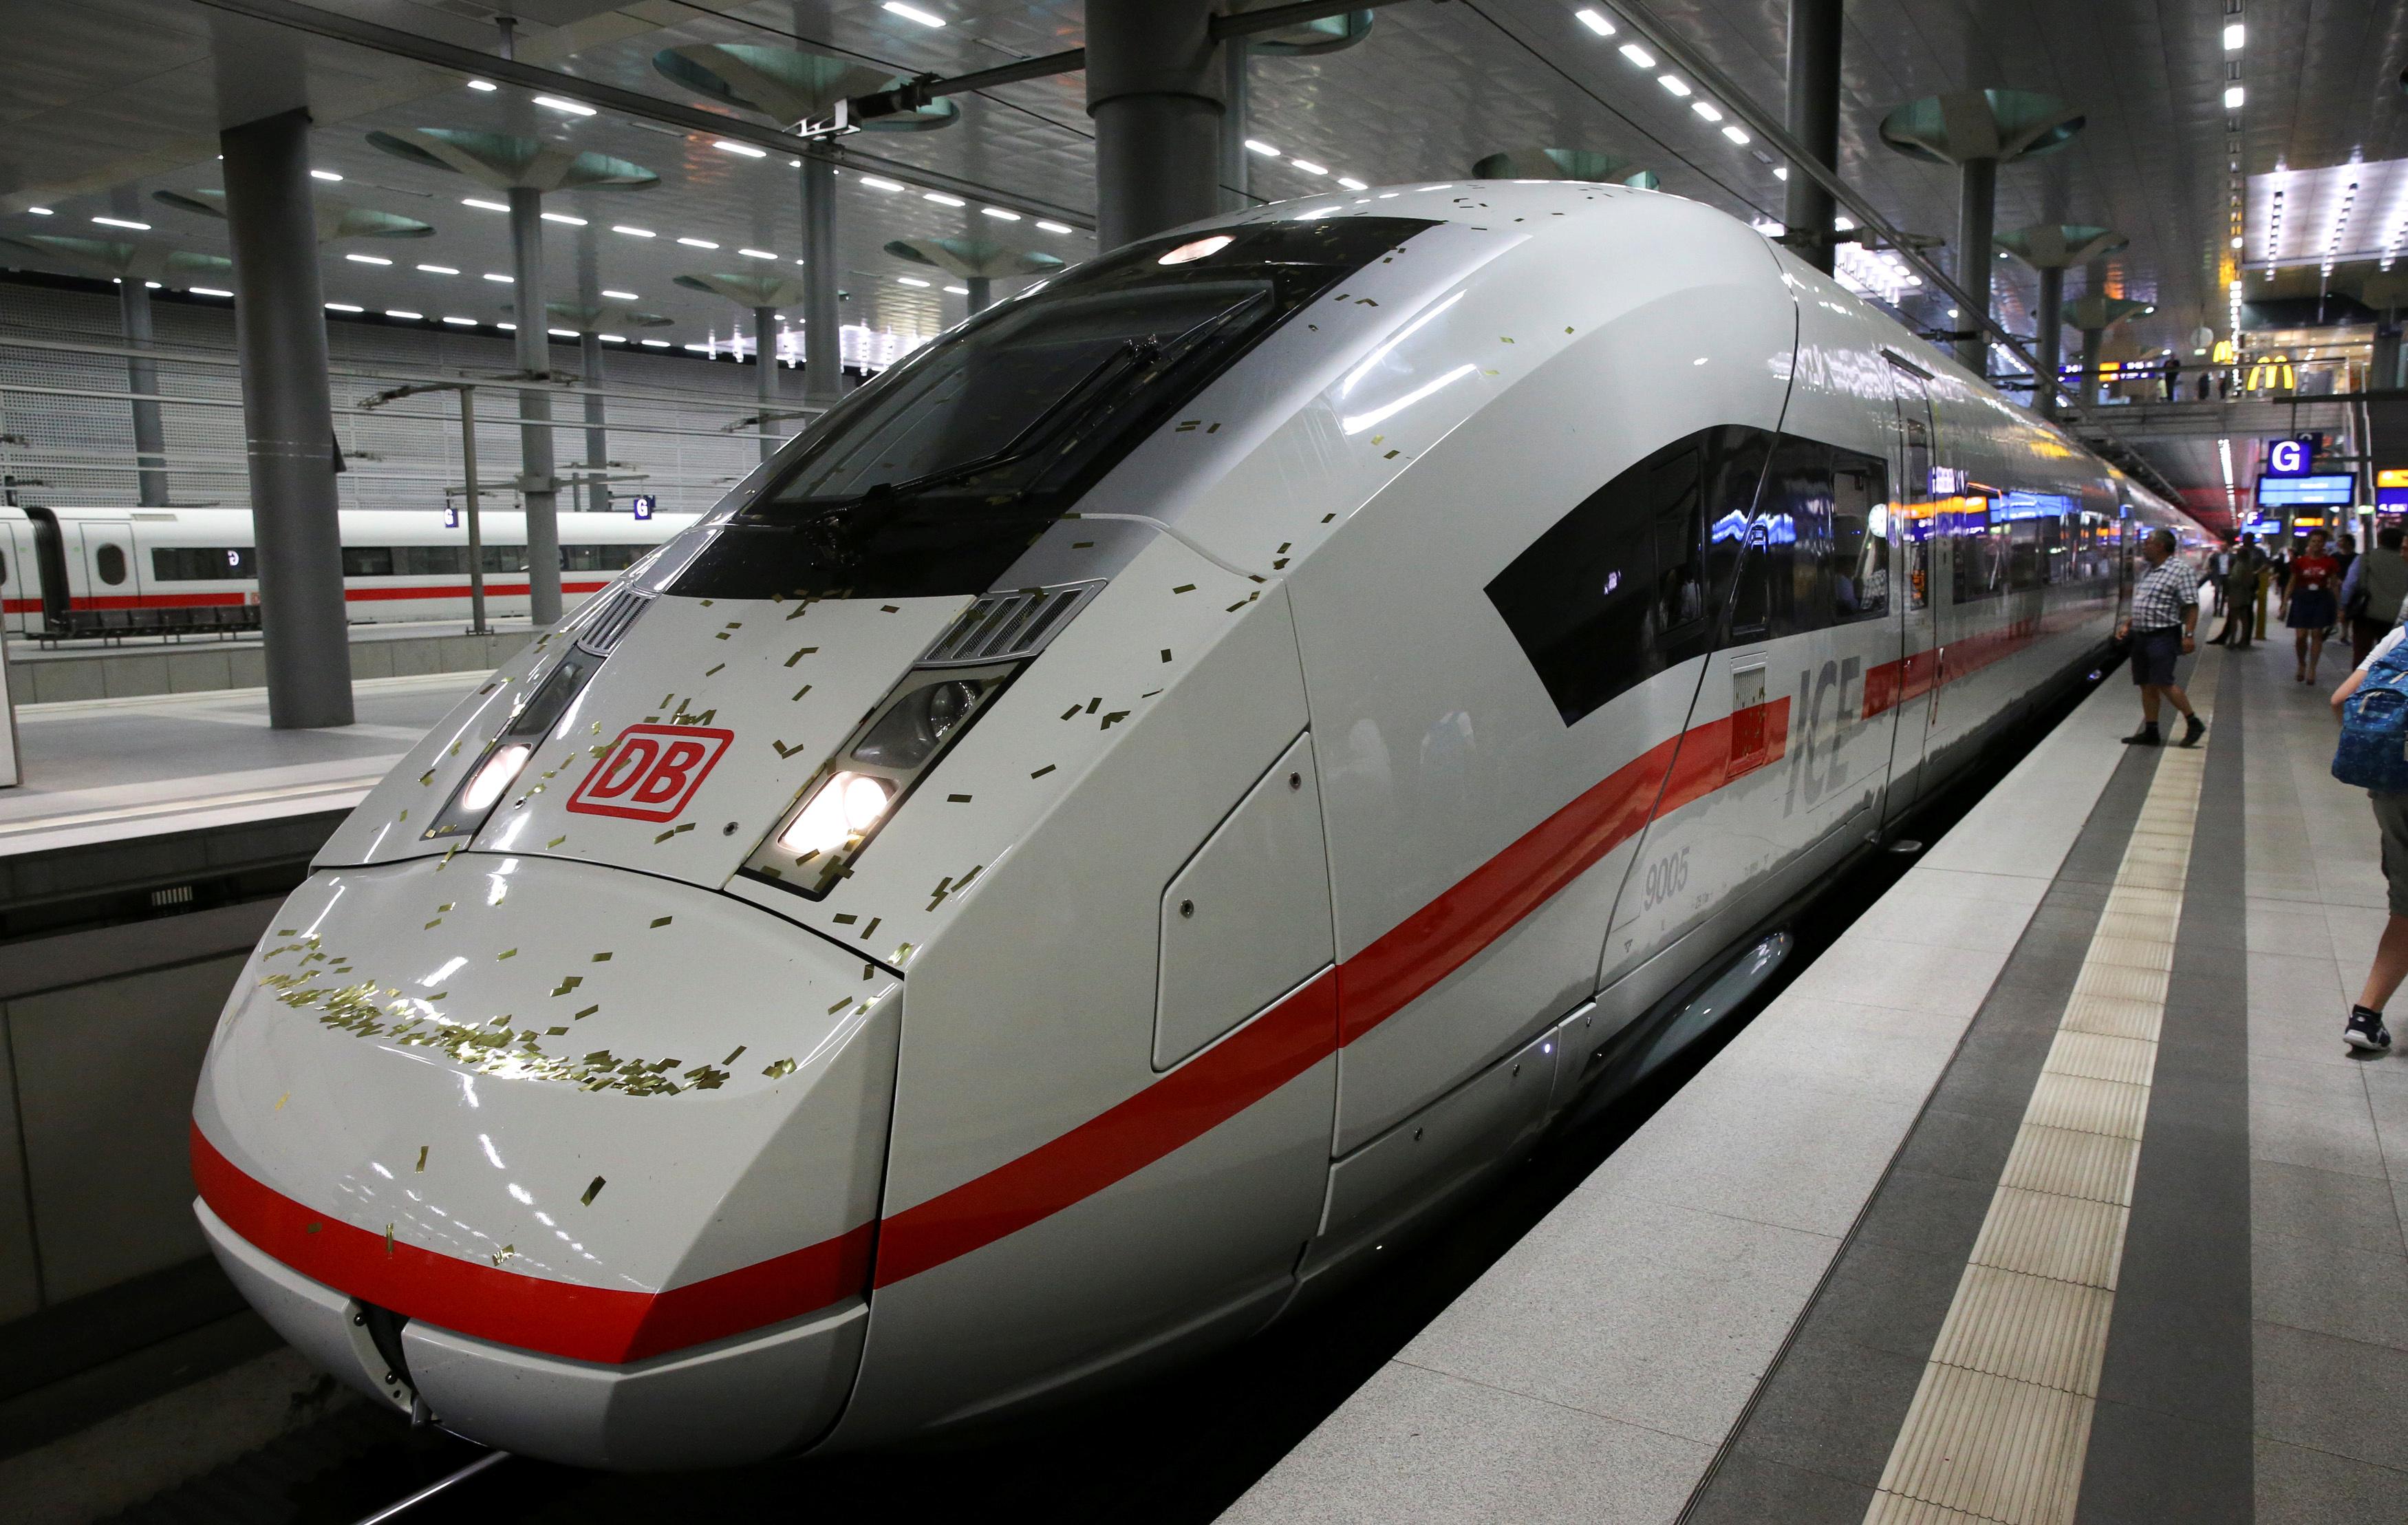 deutsche-bahn-ice-high-speed-train-transports-ferroviaires-rail-chemins-de-fer